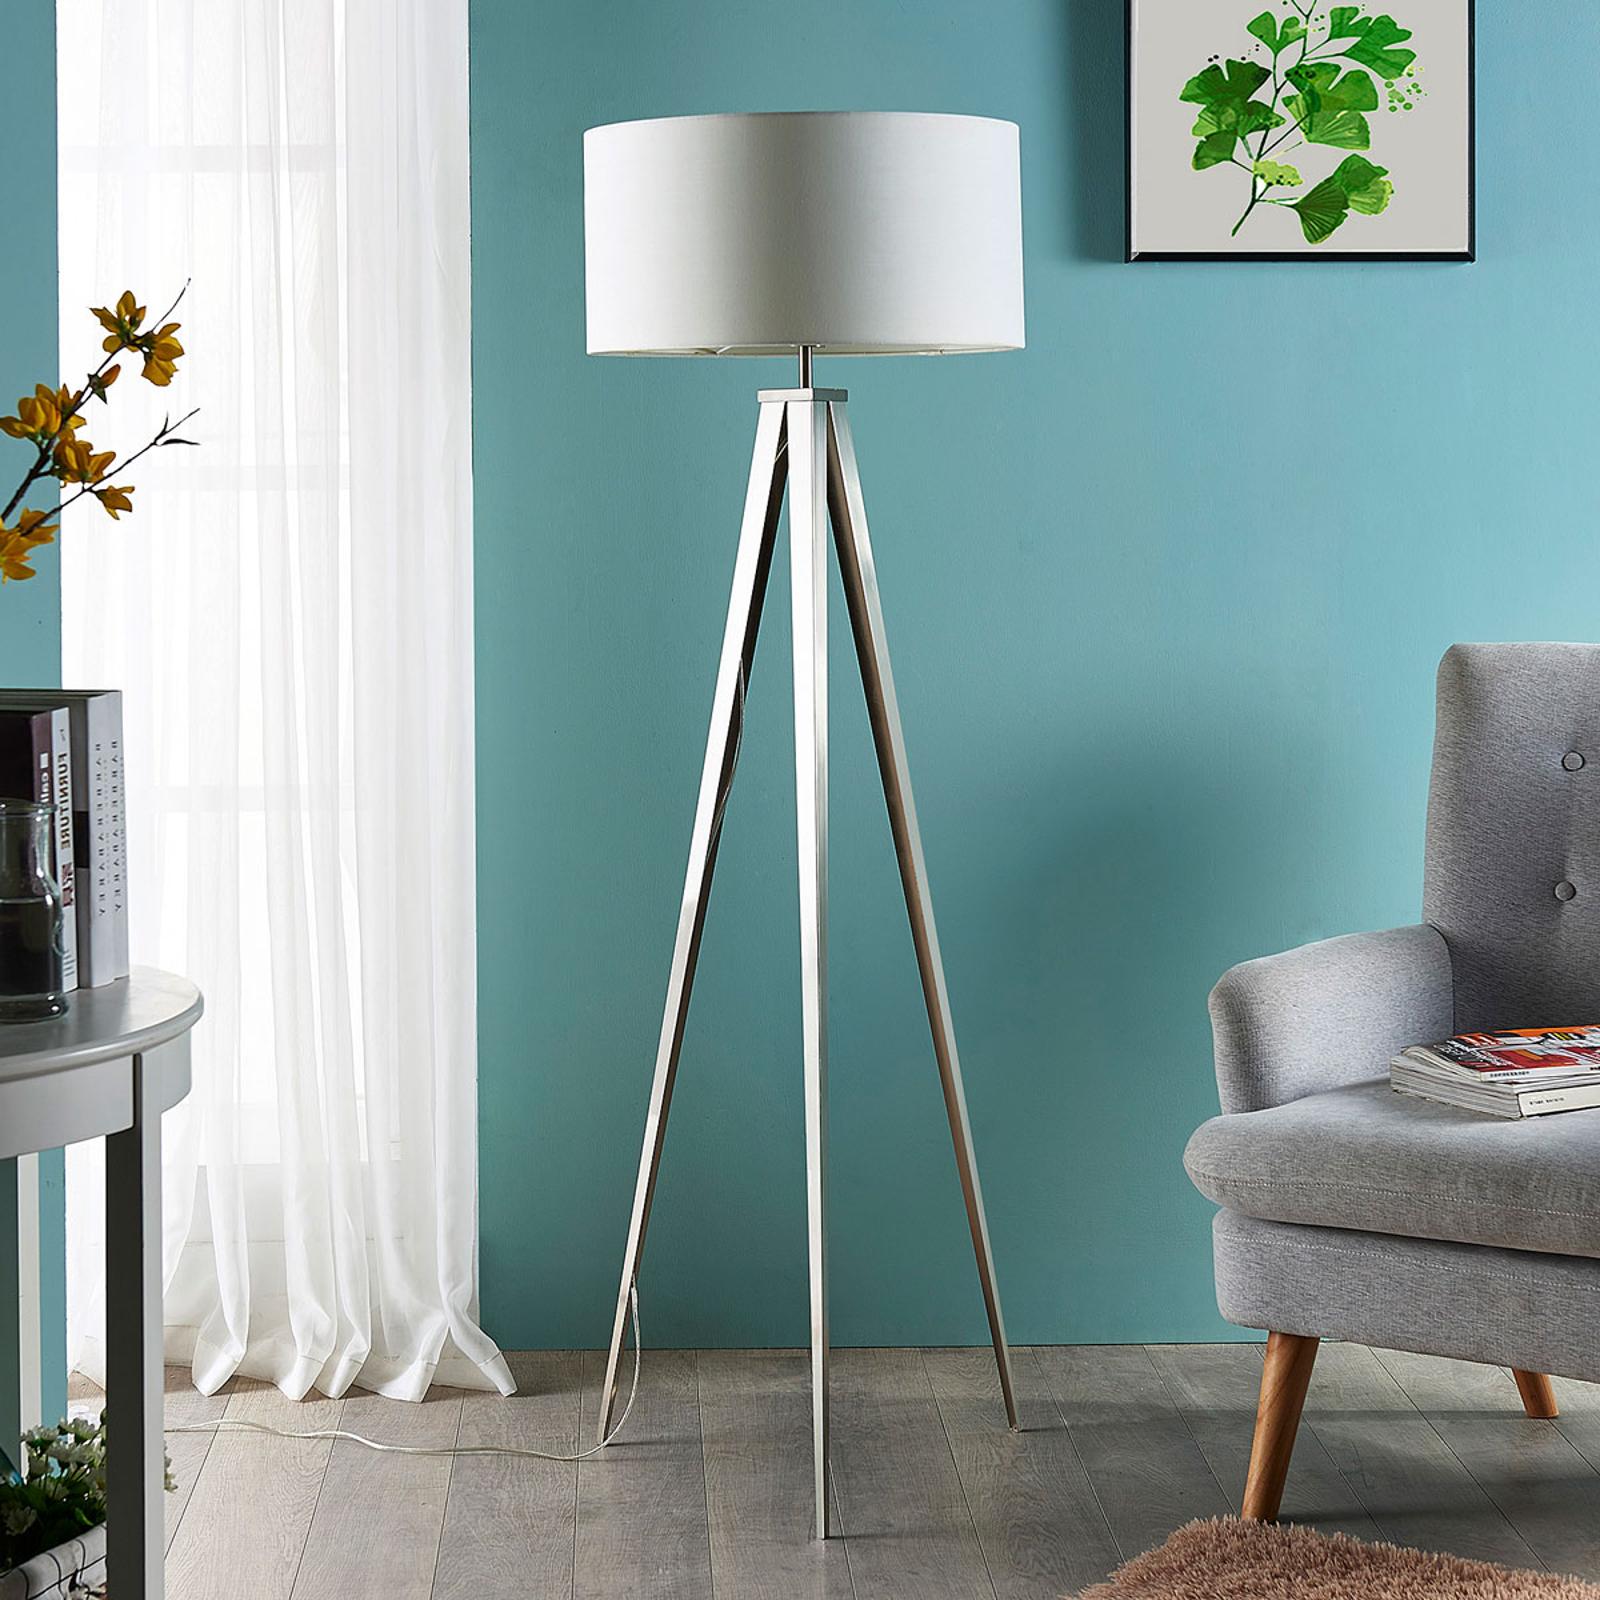 Piacevole lampada da terra Benik con treppiede